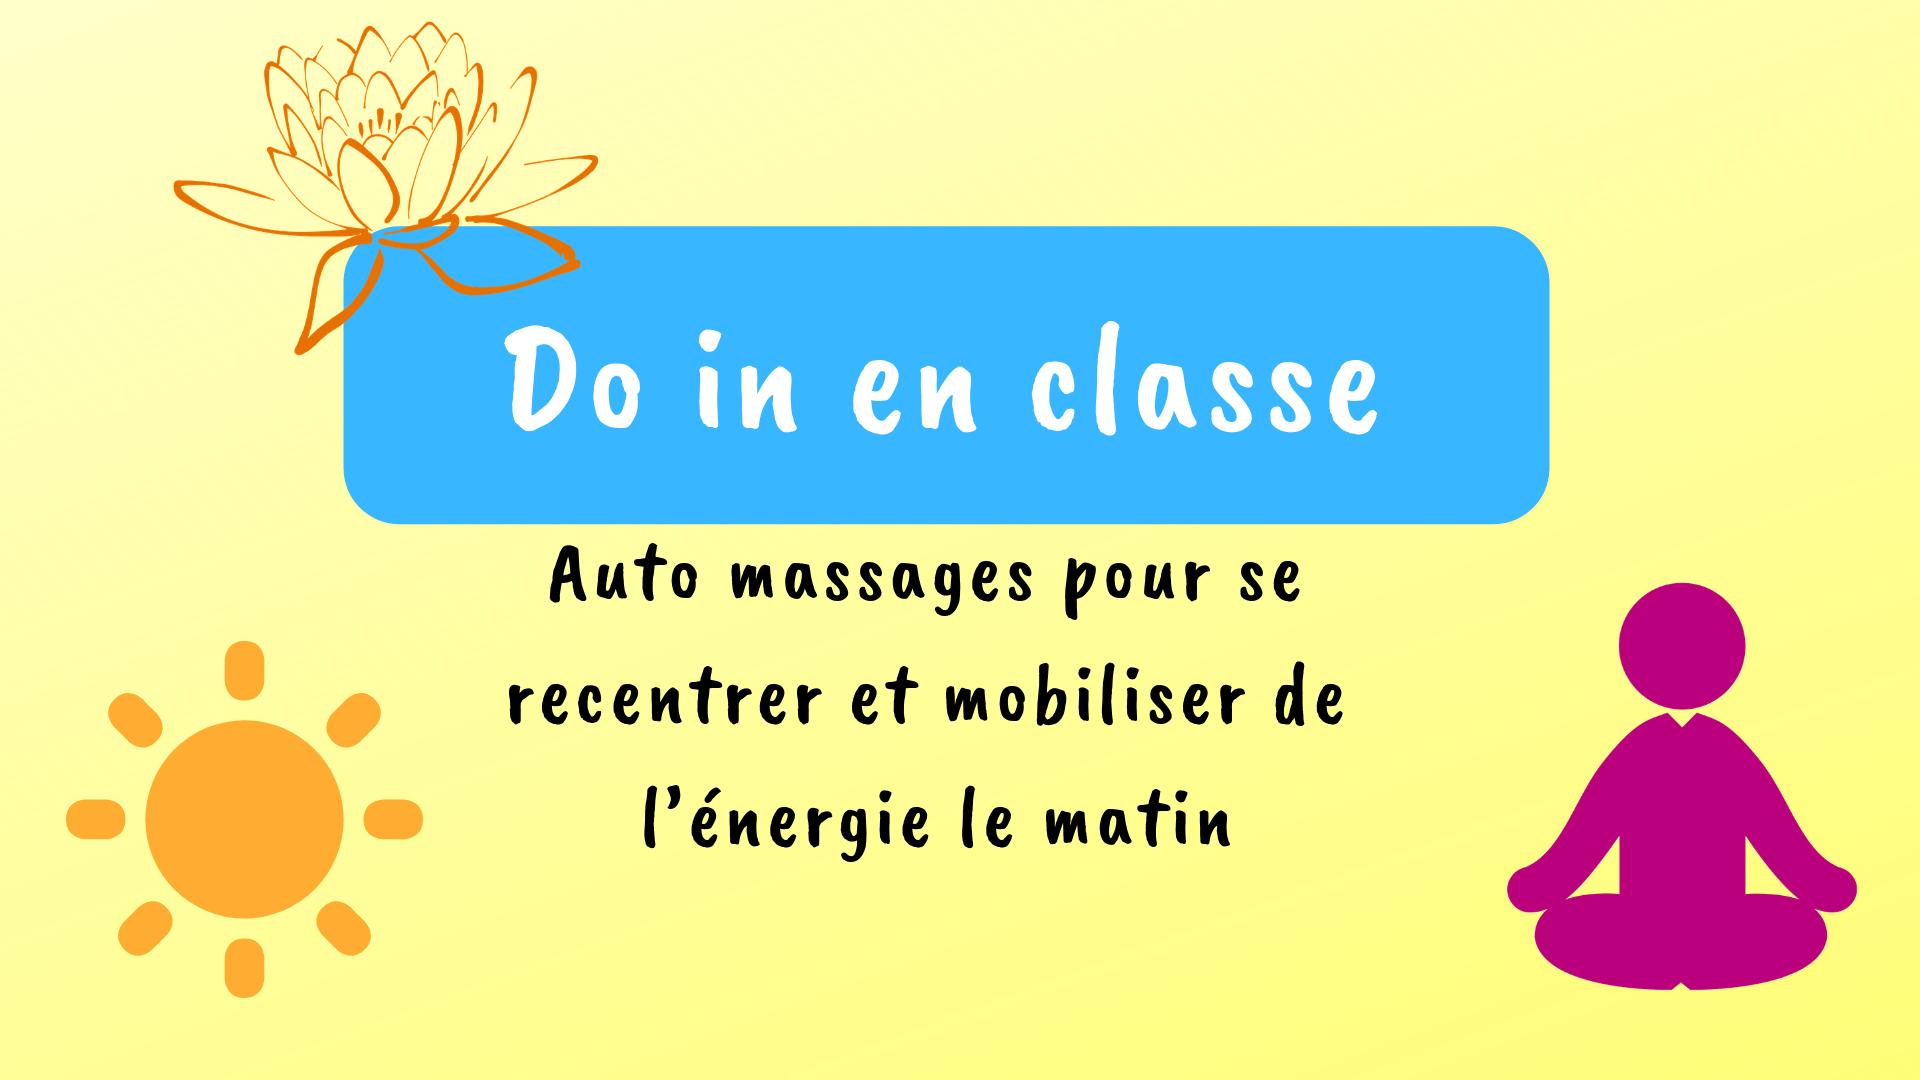 Do in en classe auto massage